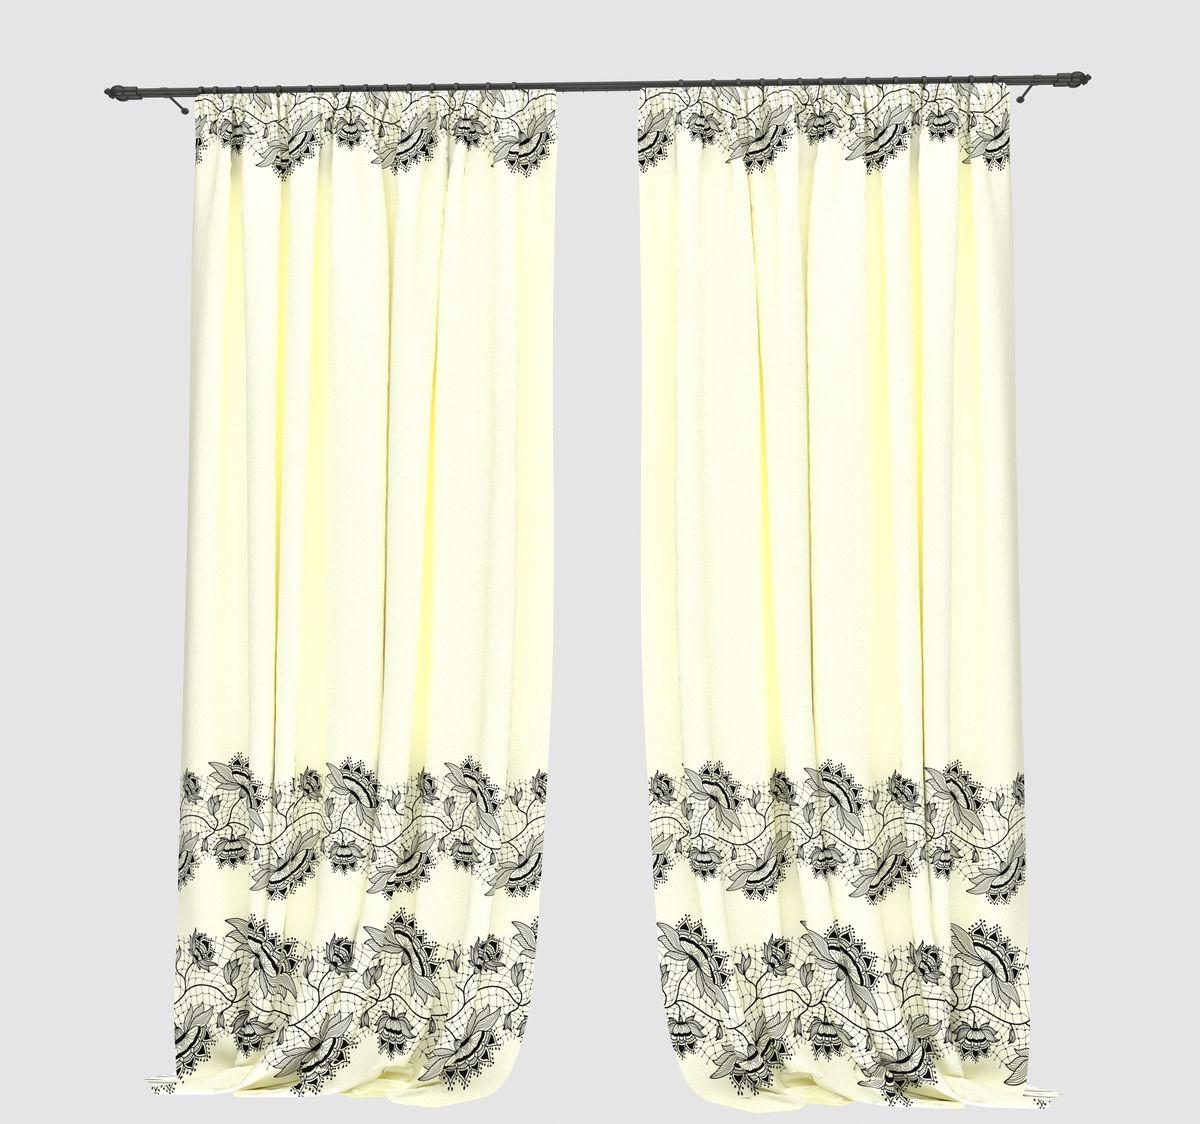 Комплект фотоштор Bellino Home Марандум, высота 260 см. 05632-ФШ-ГБ-001шсг_7743Комплект фотоштор BELLINO HOME, коллекция Бохо. Интерьер в стиле бохо - это калейдоскоп цветов, фактур, эмоций и свобода самовыражения. основная задача этого стиля - создание уютногоуютного пространства. Коллекция пропитана ритмическими рисунками теплого джаза с гармоническими структурами и неформальной культурой 60х-70х годов. Это согздание интерьера на основе собственных эмоций и пристрастий. Стиль бохо подразумевает некую внутреннюю свободу в человеке, благодаря которой , установленные современниками каноны и принципы становятся не важны. Именно поэтому здесь место самому интересному декору, электичным сочетаниям и неожиданным ходам. Крепление на карниз при помощи шторной ленты на крючки.В комплекте: Портьера: 2 шт. Размер (ШхВ): 145 см х 260 см. Рекомендации по уходу: стирка при 30 градусах гладить при температуре до 150 градусов Изображение на мониторе может немного отличаться от реального.